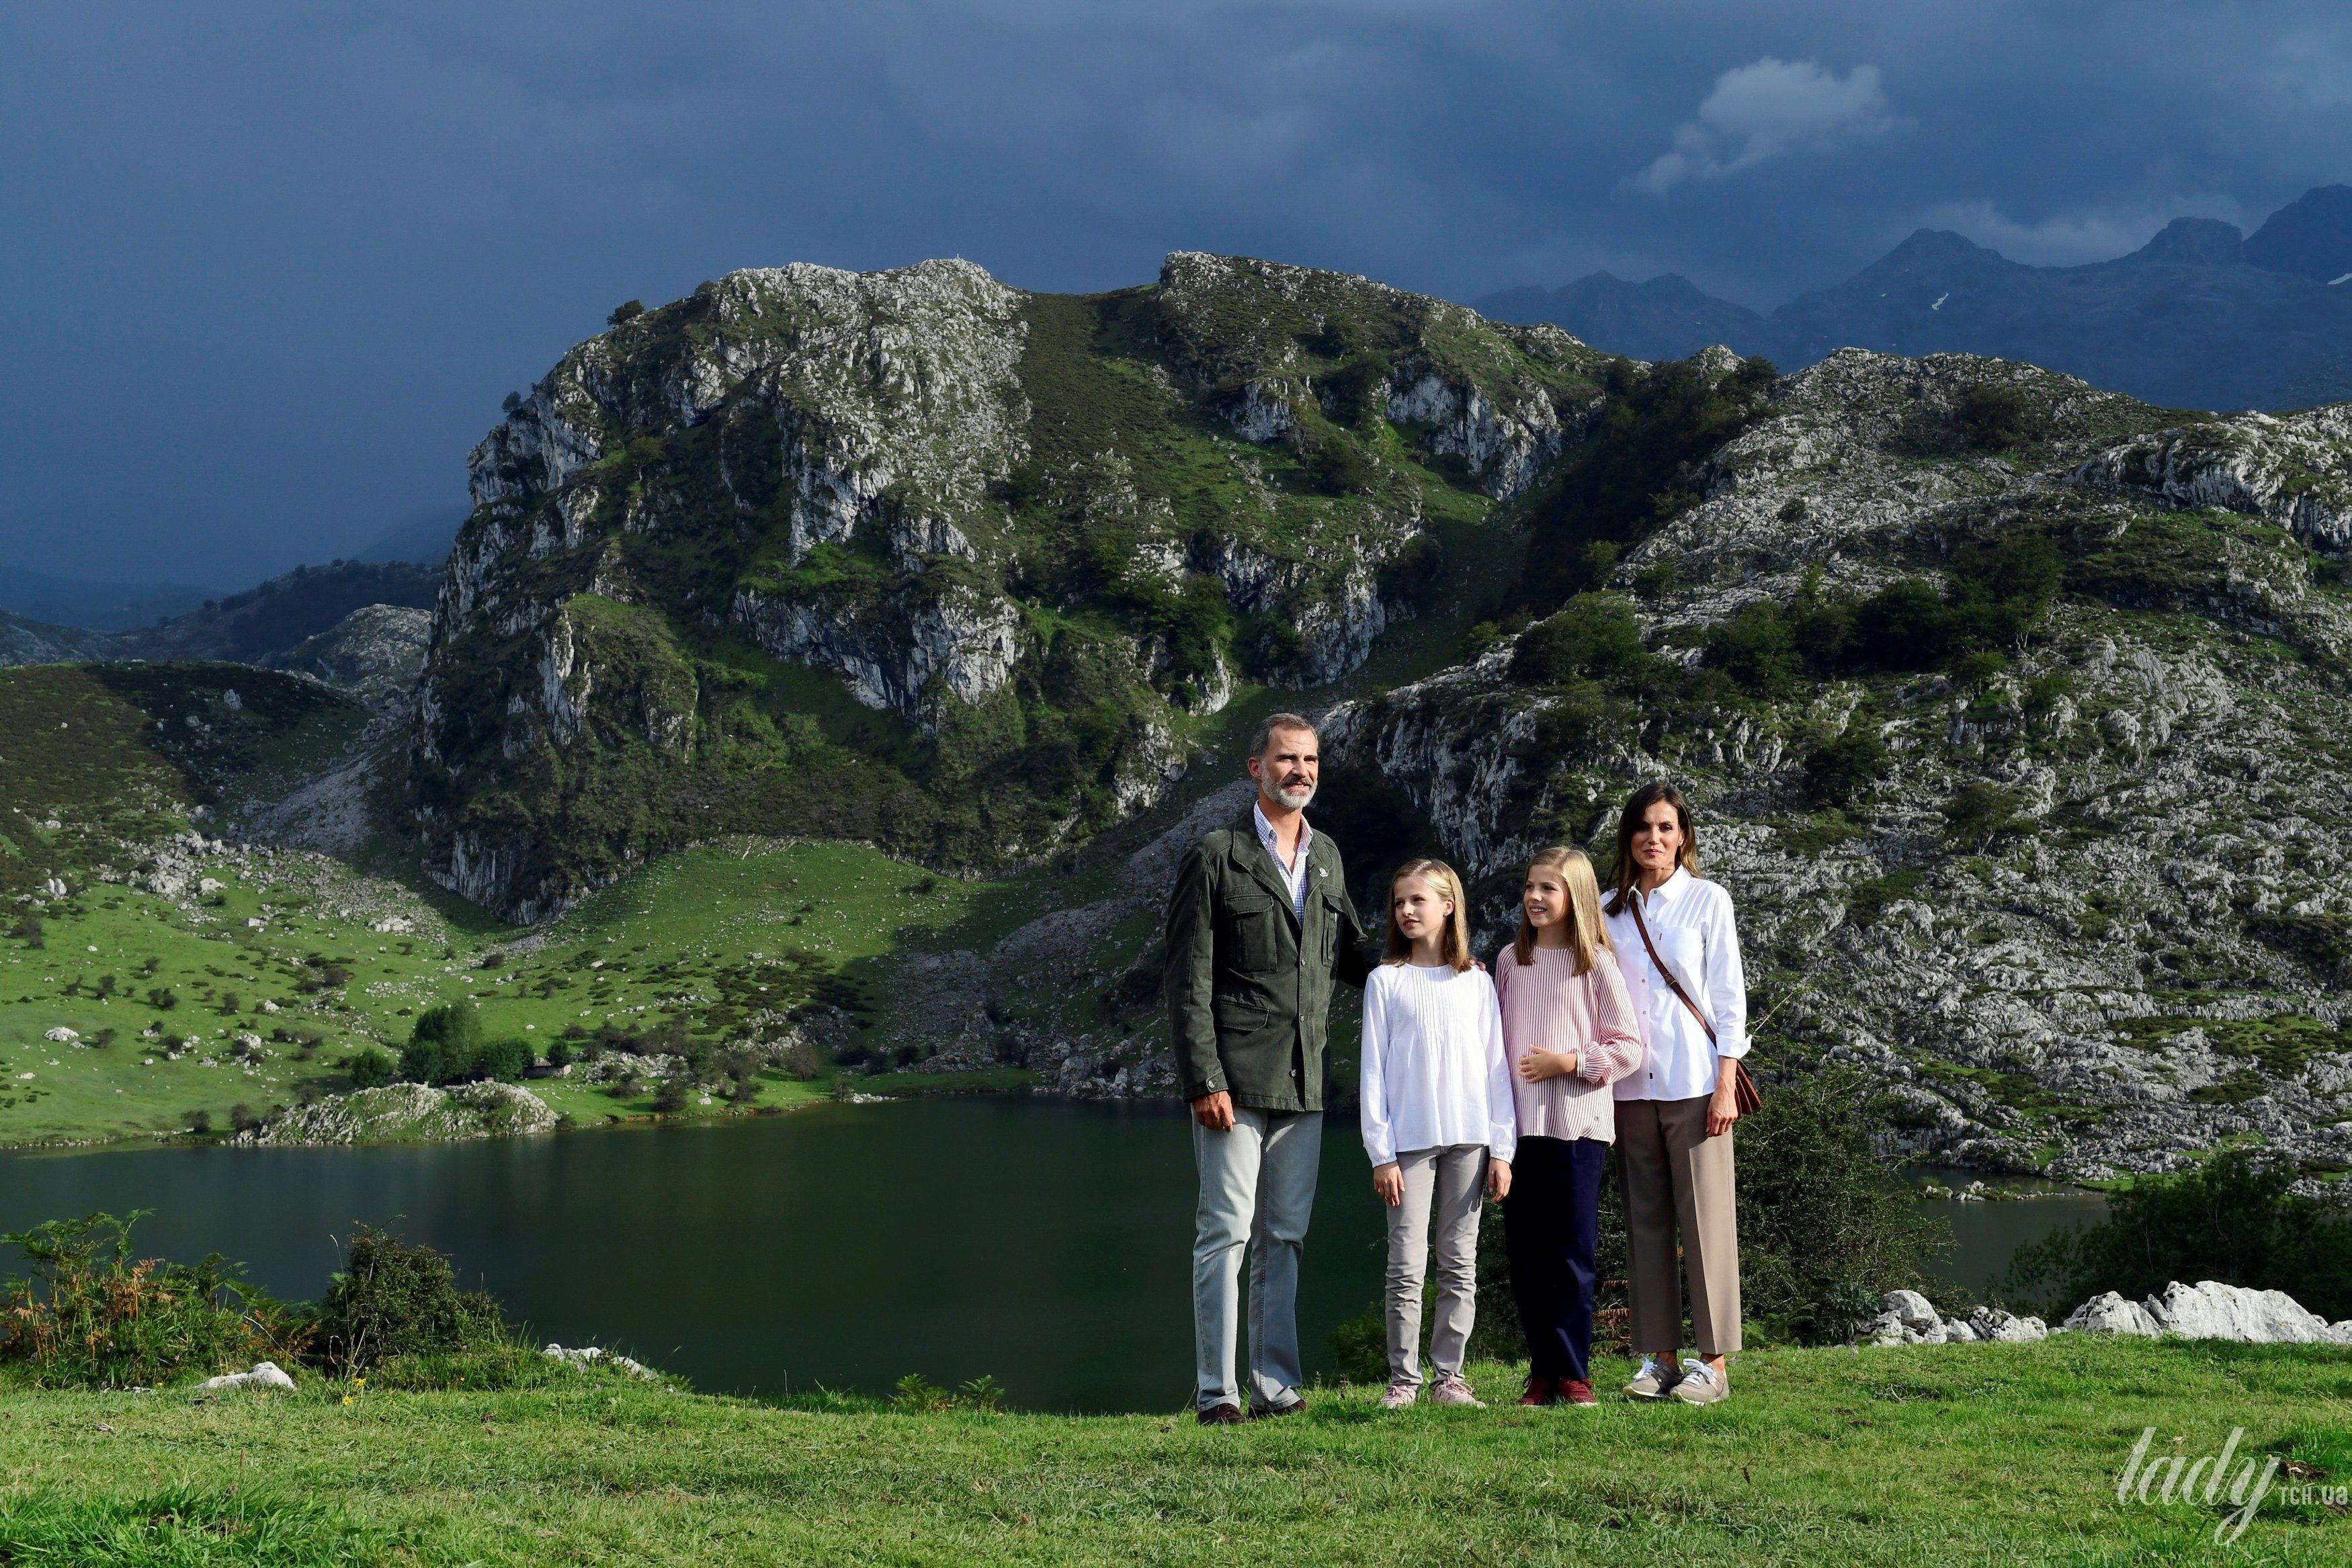 Испанская королевская семья: король Филипп, королева Летиция, принцессы Леонор и София_1